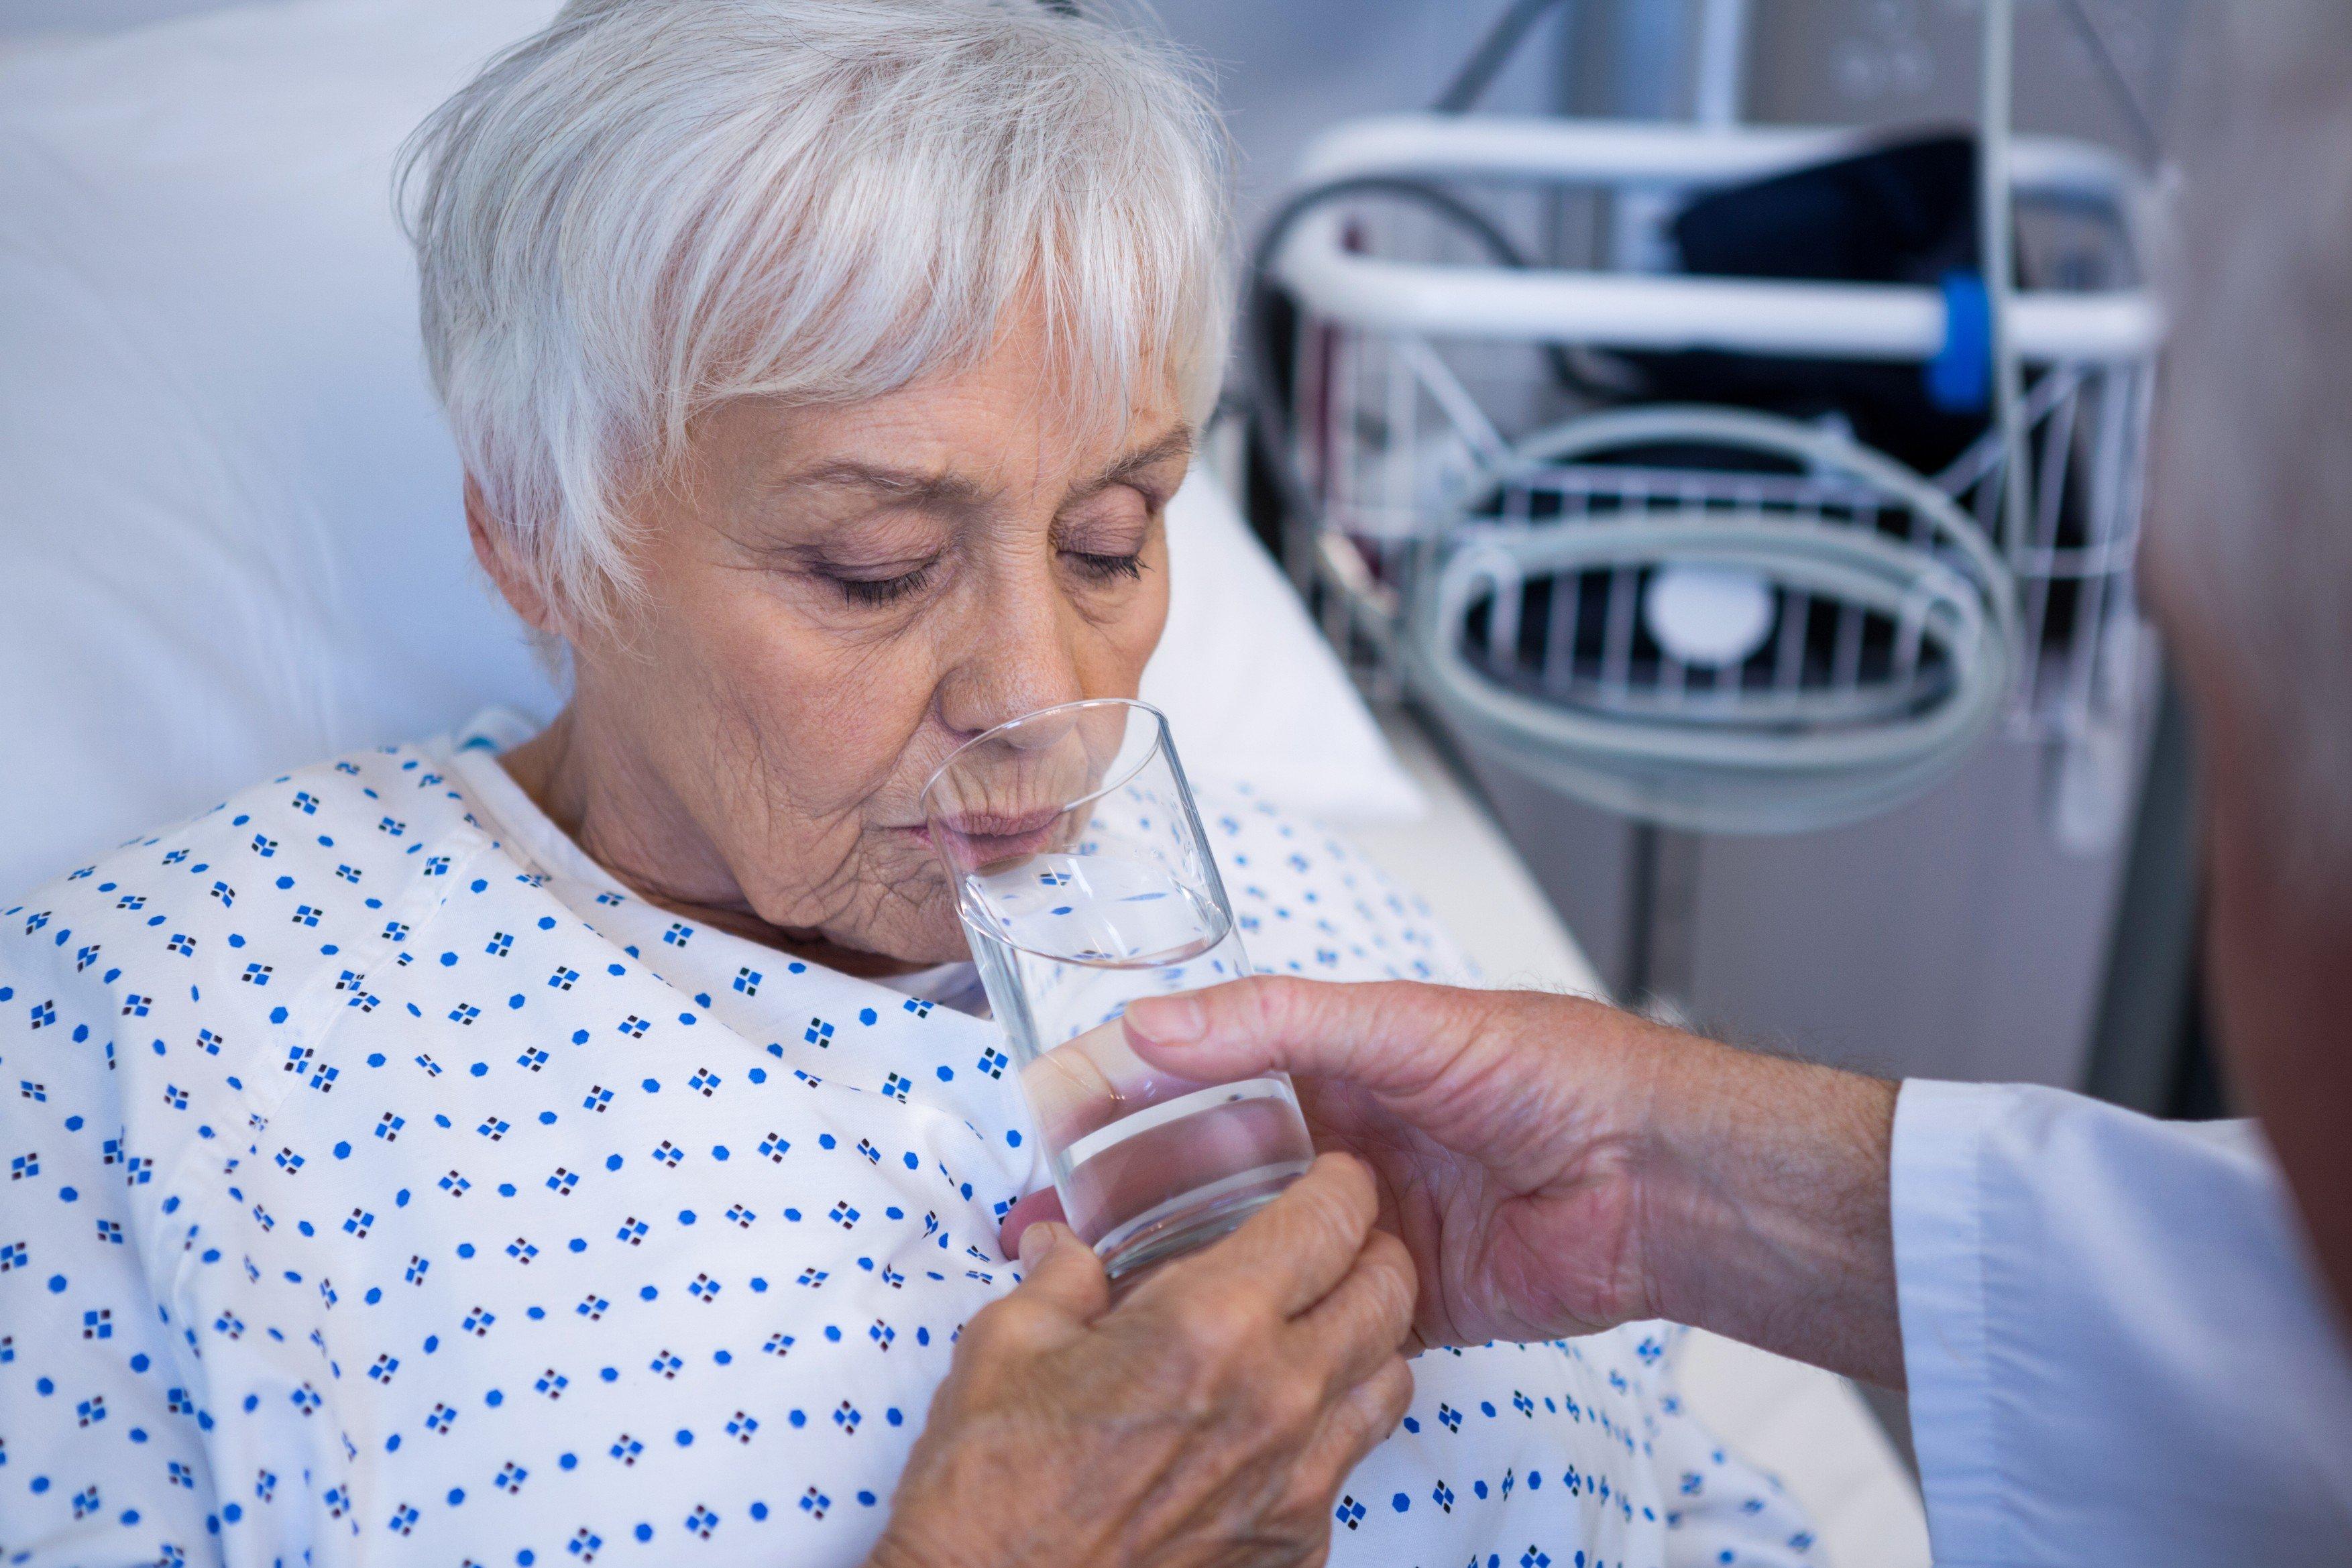 Pitný režim pacientů (ilustrační foto)